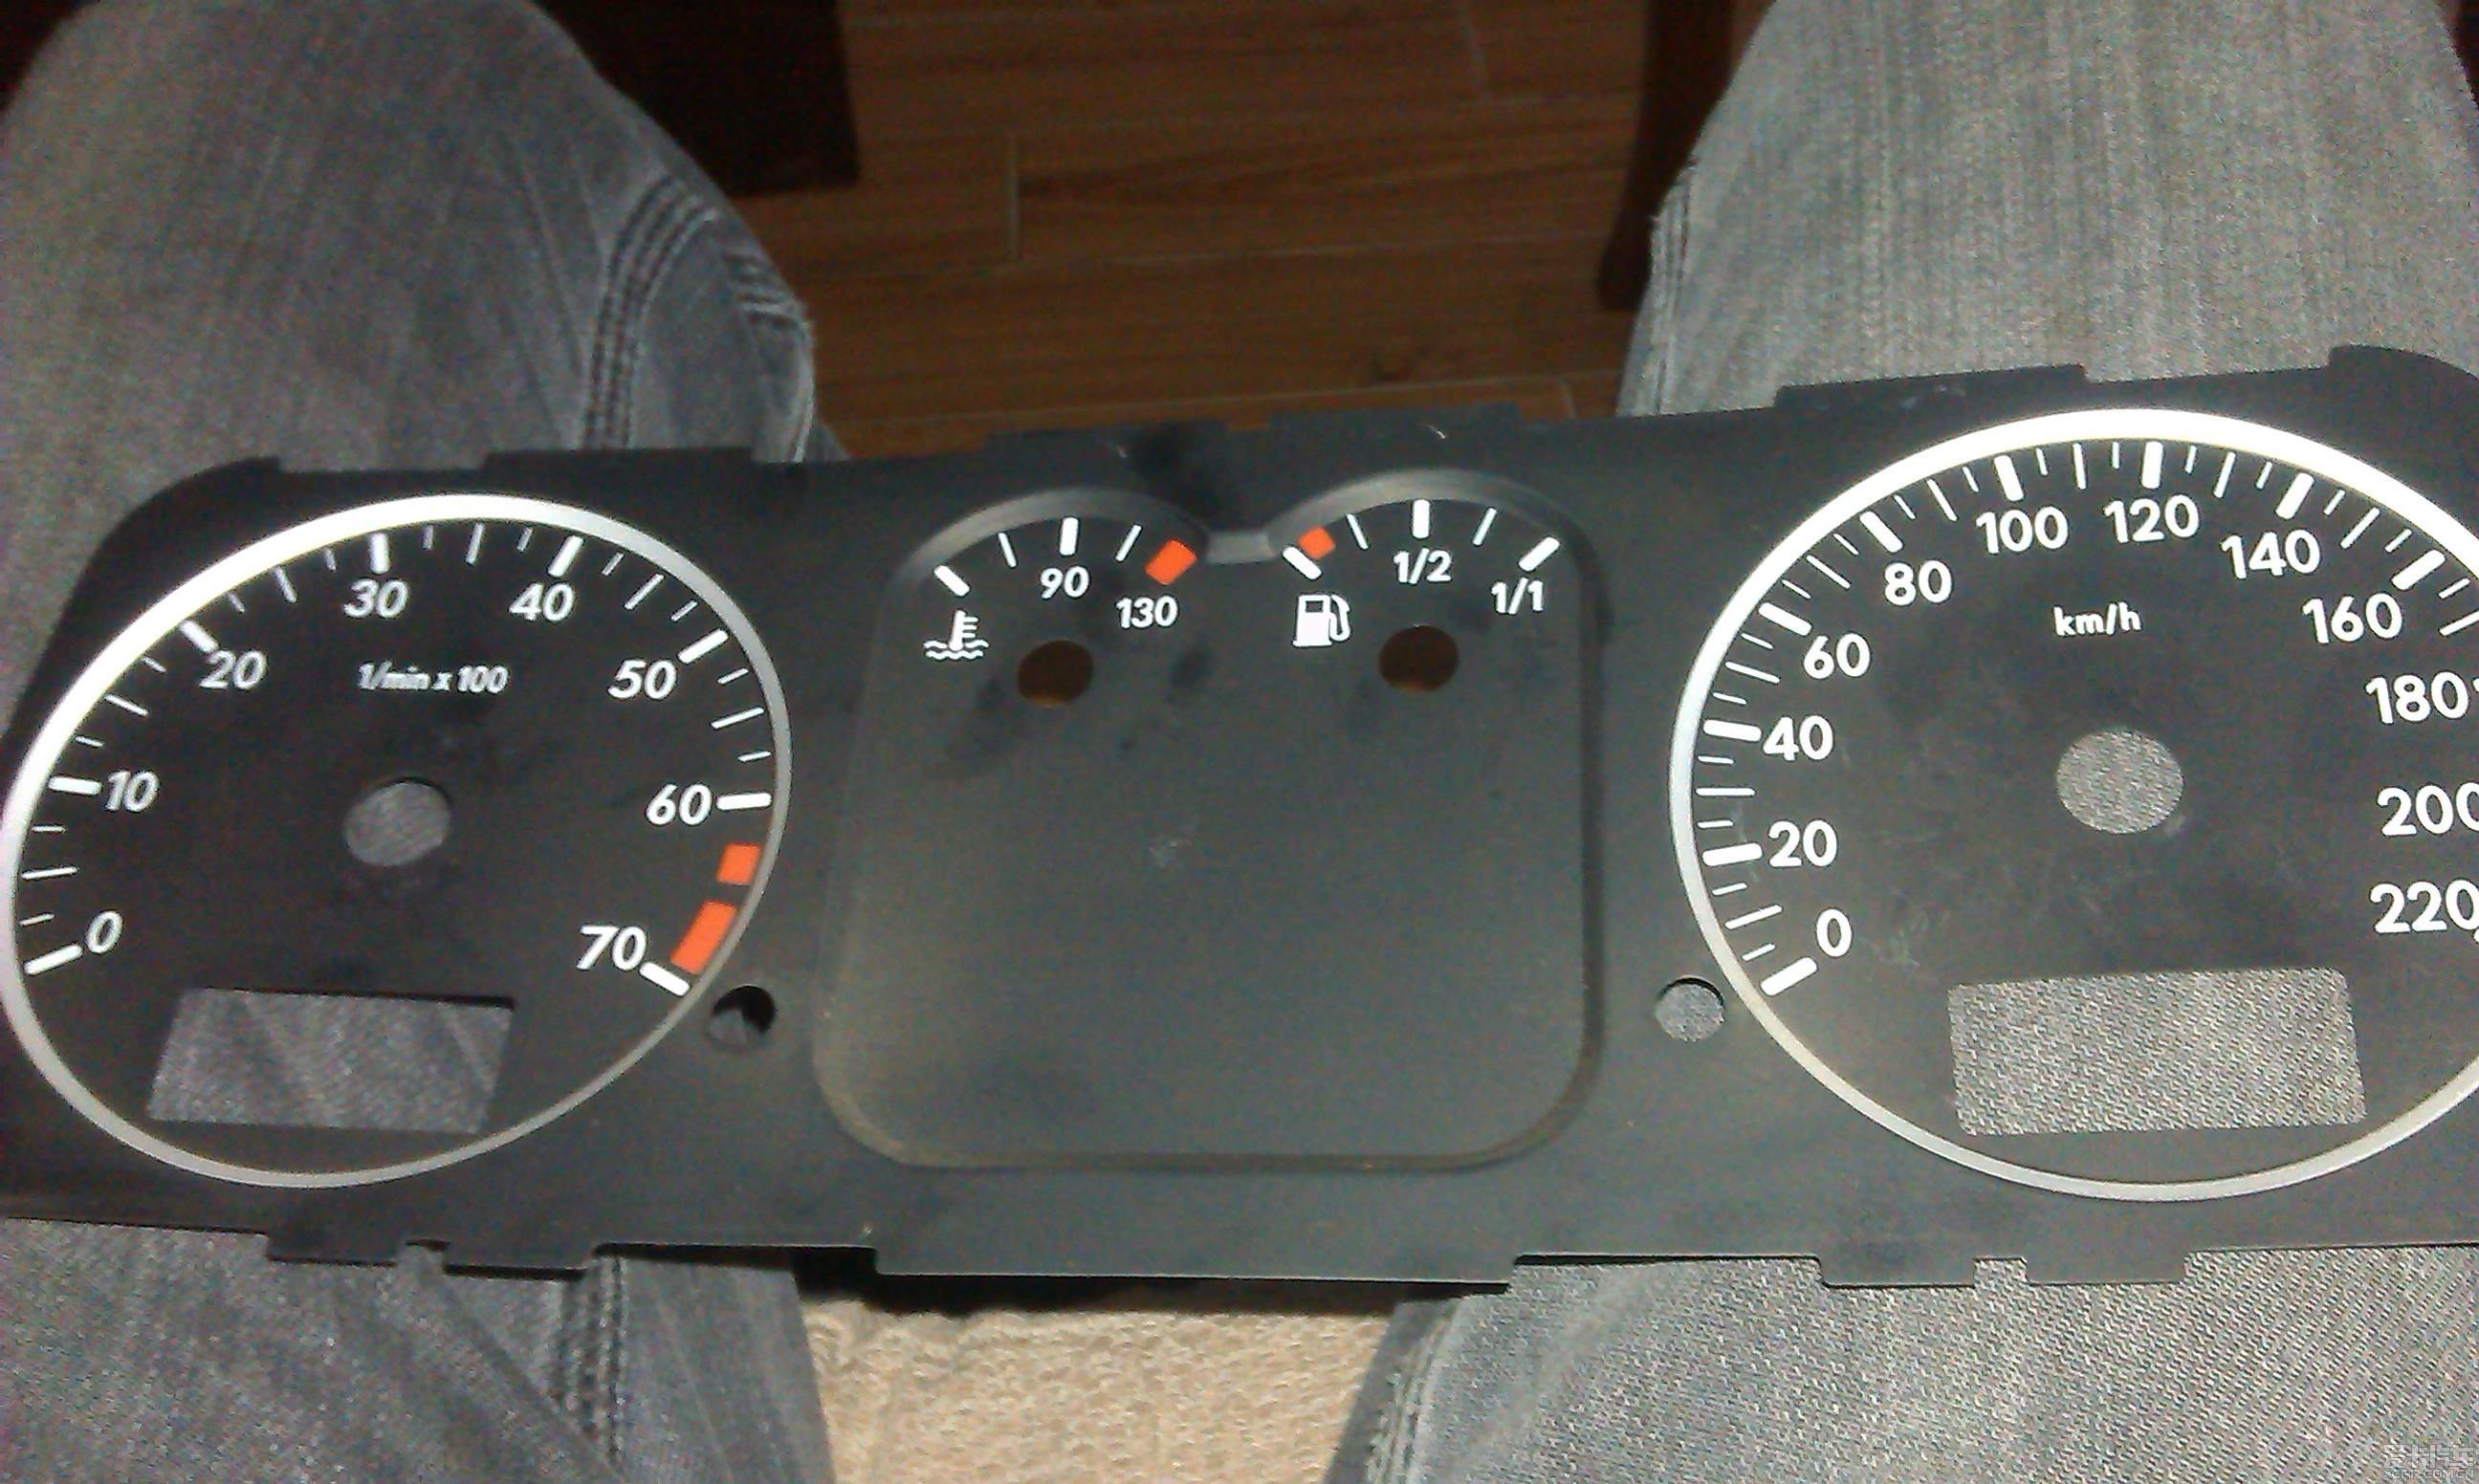 桑塔纳仪表盘这是什么意思   汽车仪表盘显示说明   汽车 高清图片